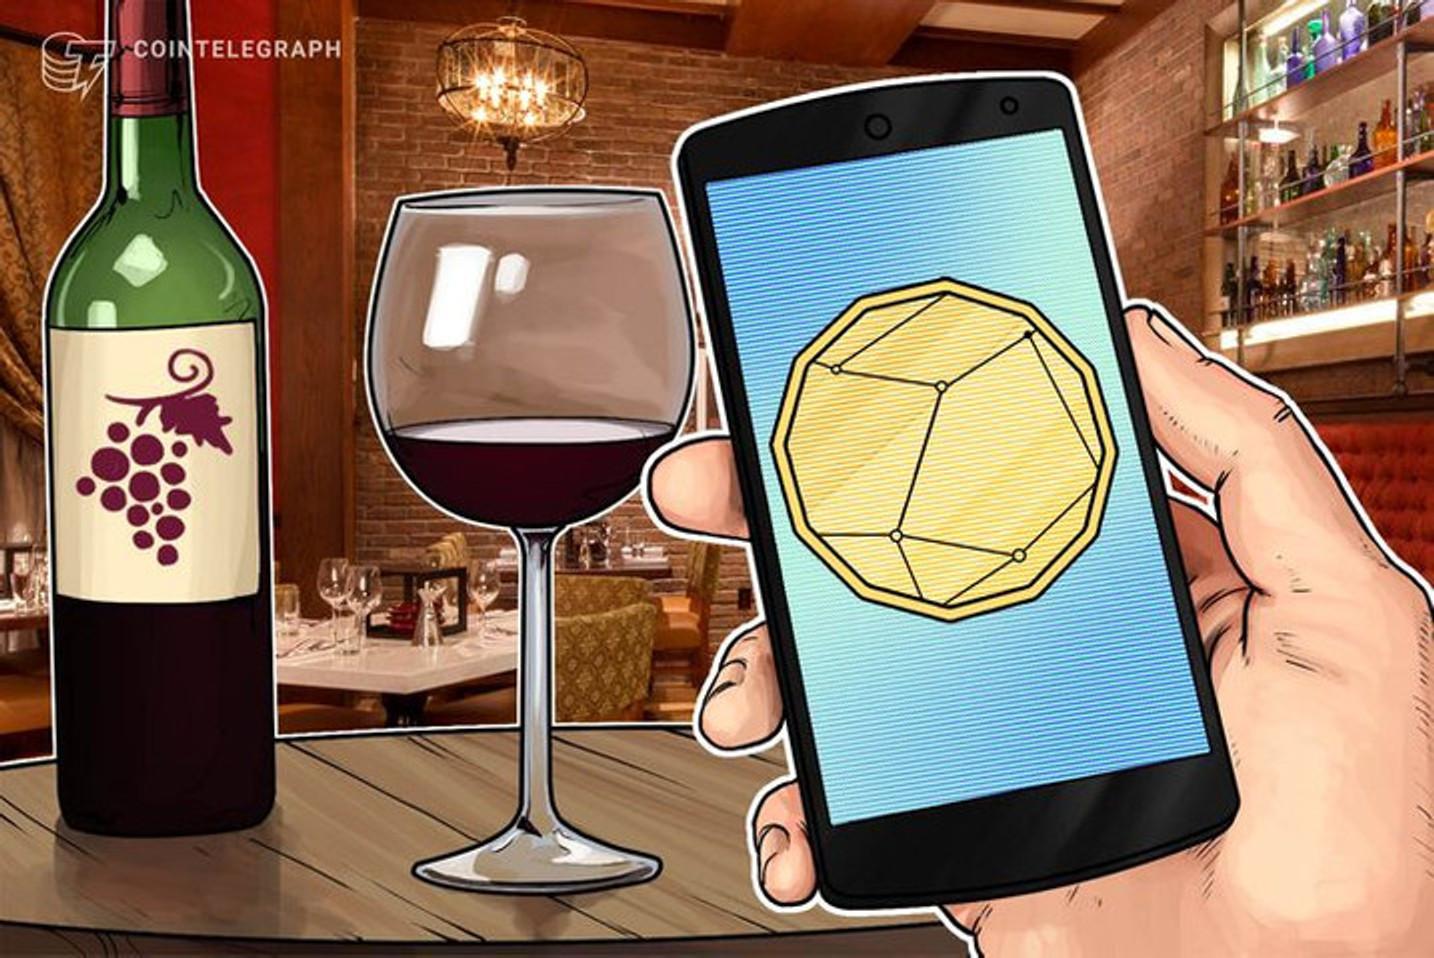 En Perú, aceptan Doge y Bitcoin para compra de vinos